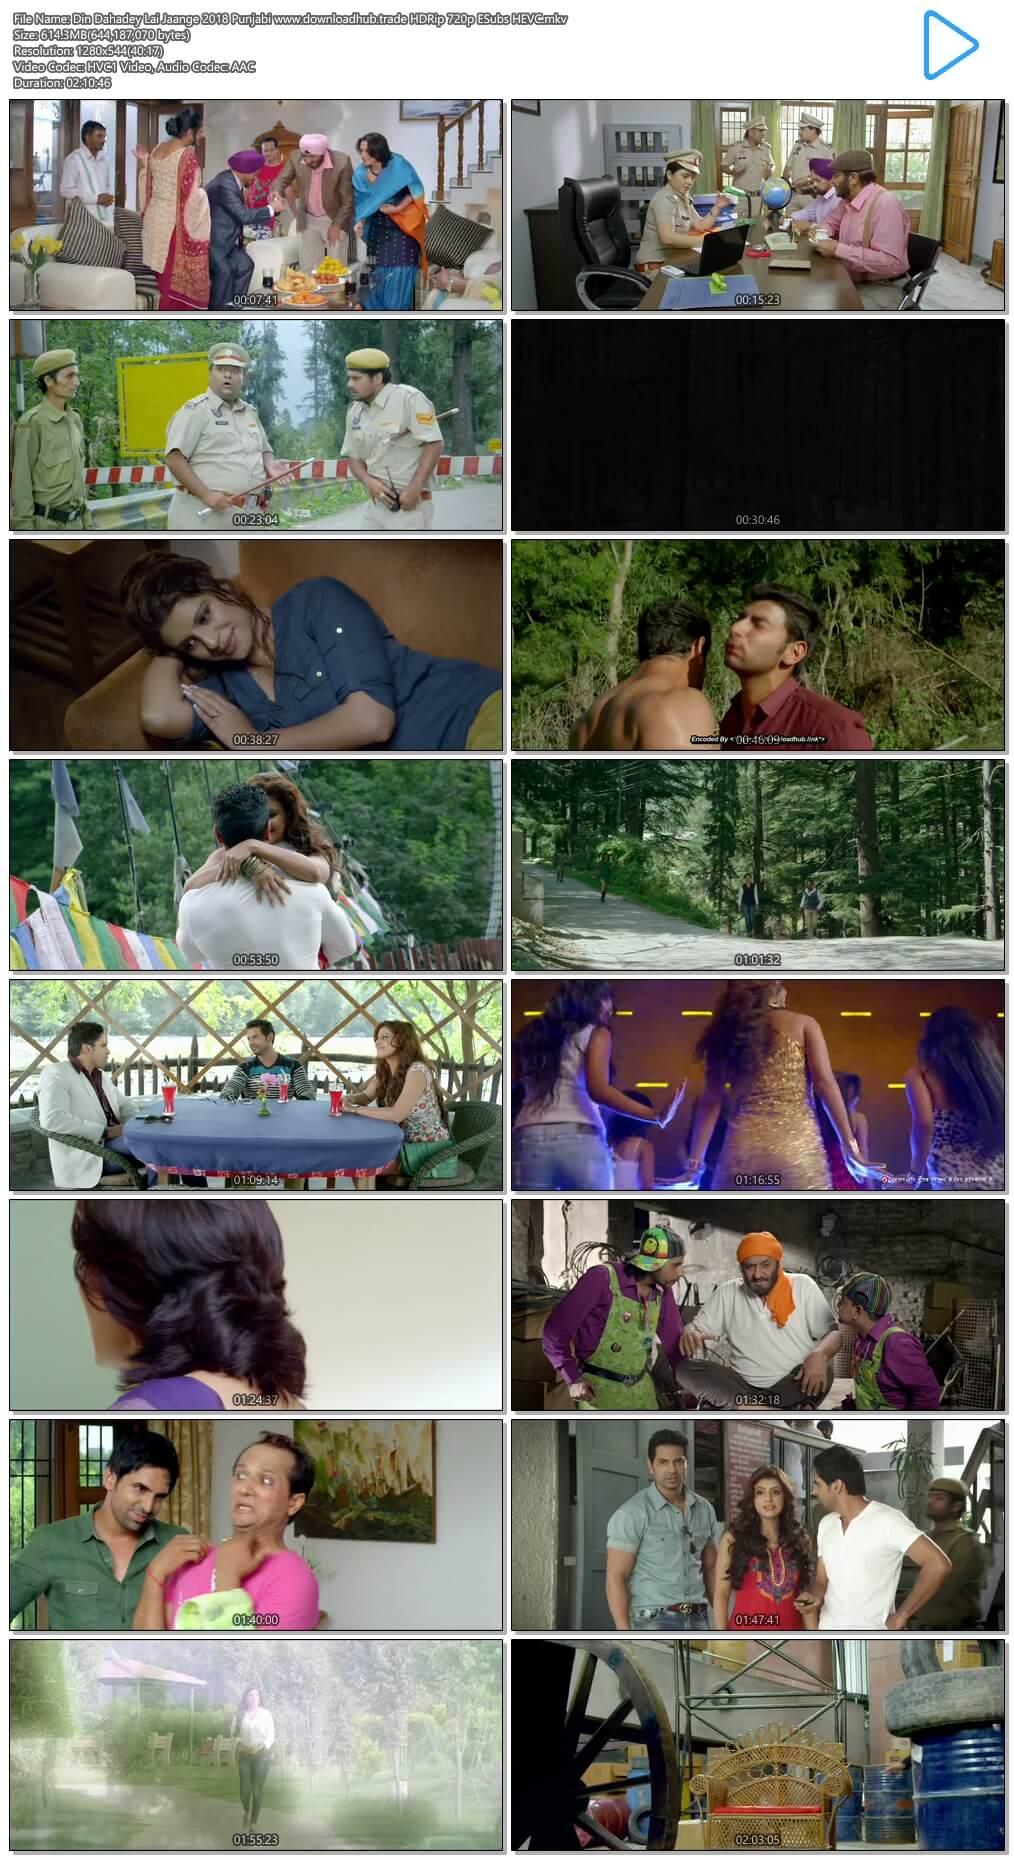 Din Dahadey Lai Jaange 2018 Punjabi 600MB HDRip 720p ESubs HEVC